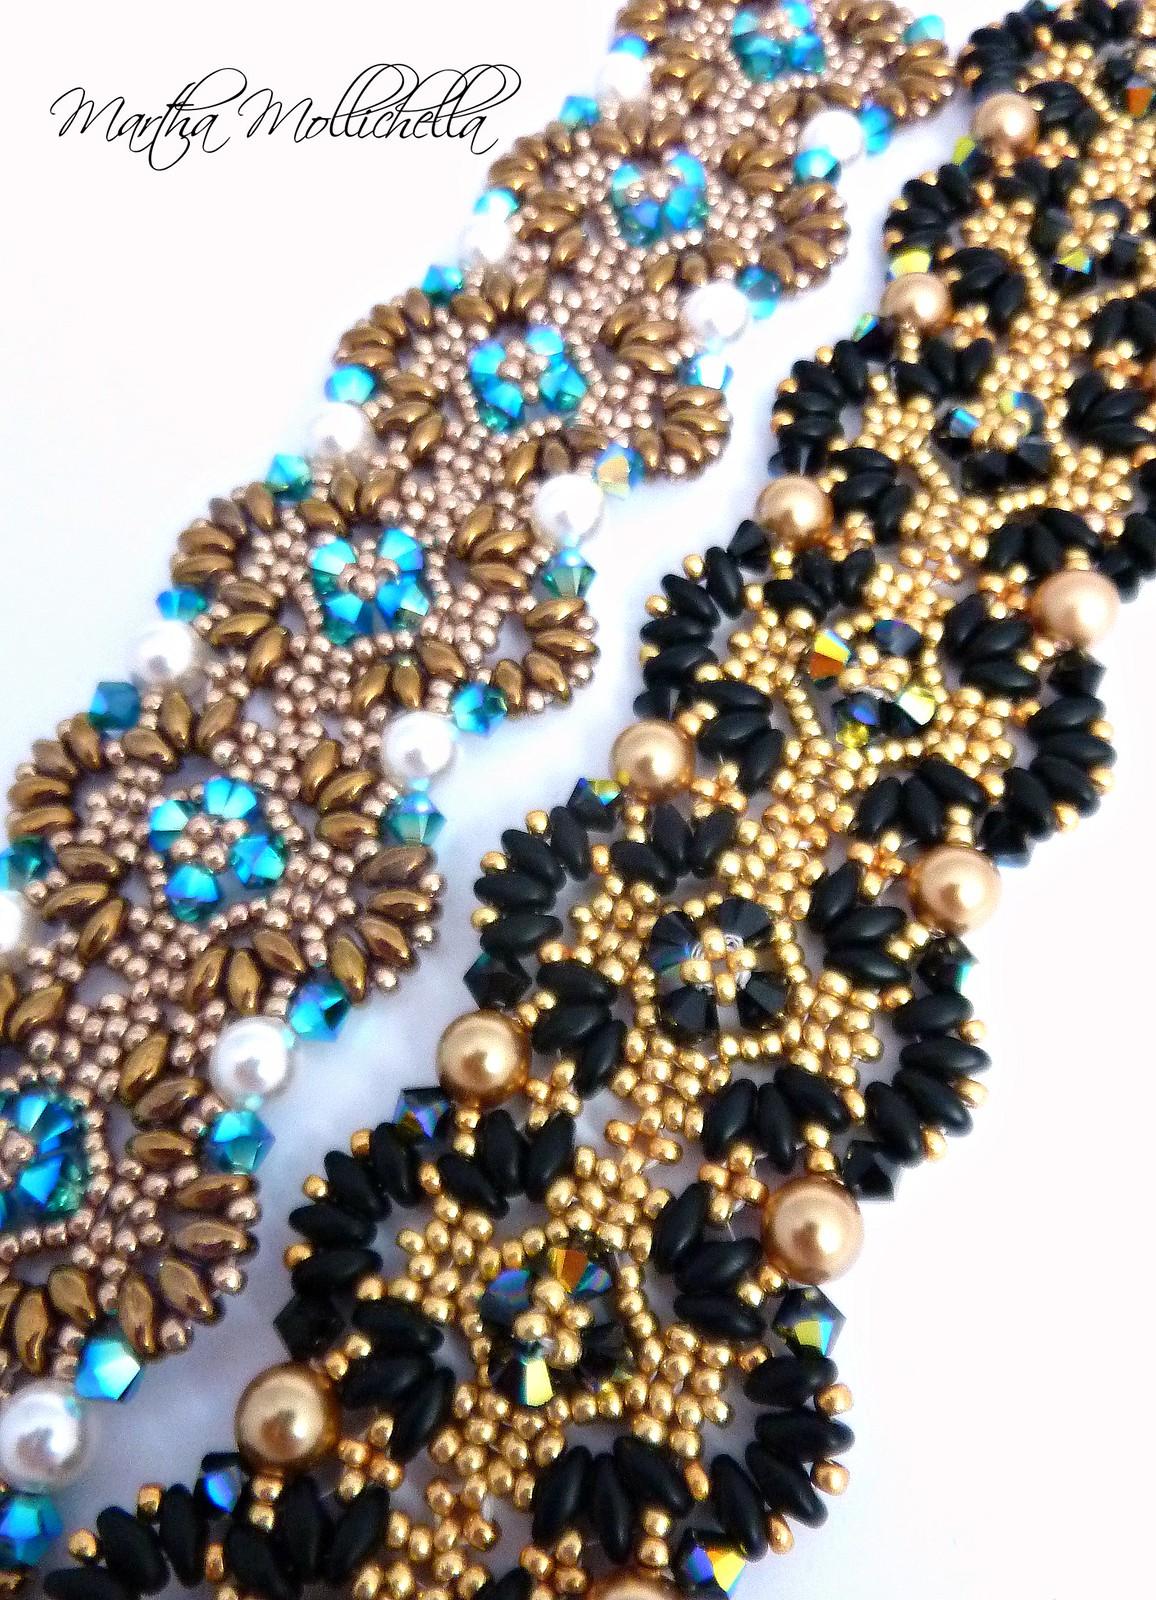 bracciali perline swarovski chiusura placcato oro 24K by Martha Mollichella